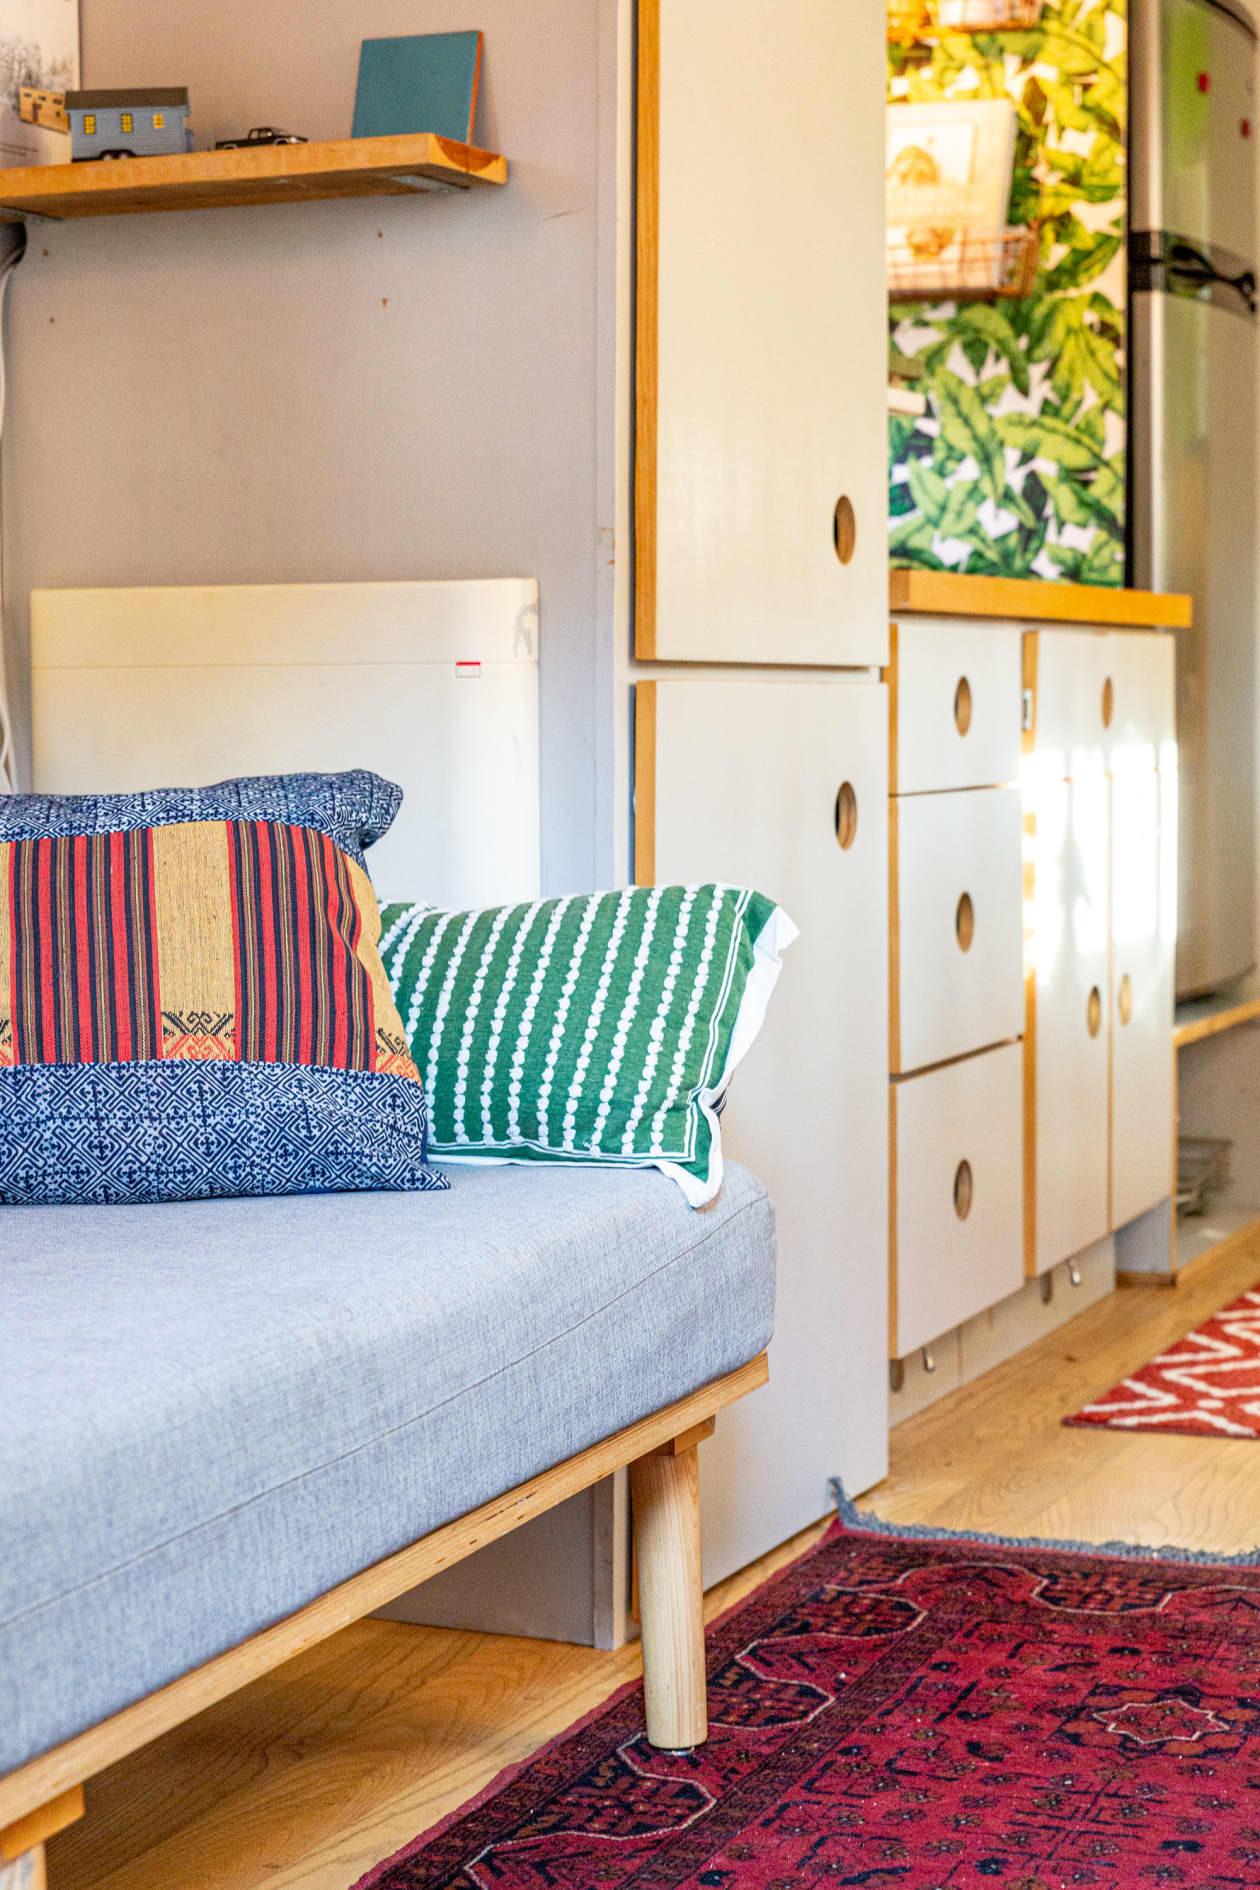 Thiết kế nhà nhỏ 44m2 theo phong cách Scandinavia, màu sắc tươi sáng lấy cảm hứng từ nghệ thuật truyền thống Mexico, dệt may, và gốm sứ tuyệt đẹp - Ảnh 6.